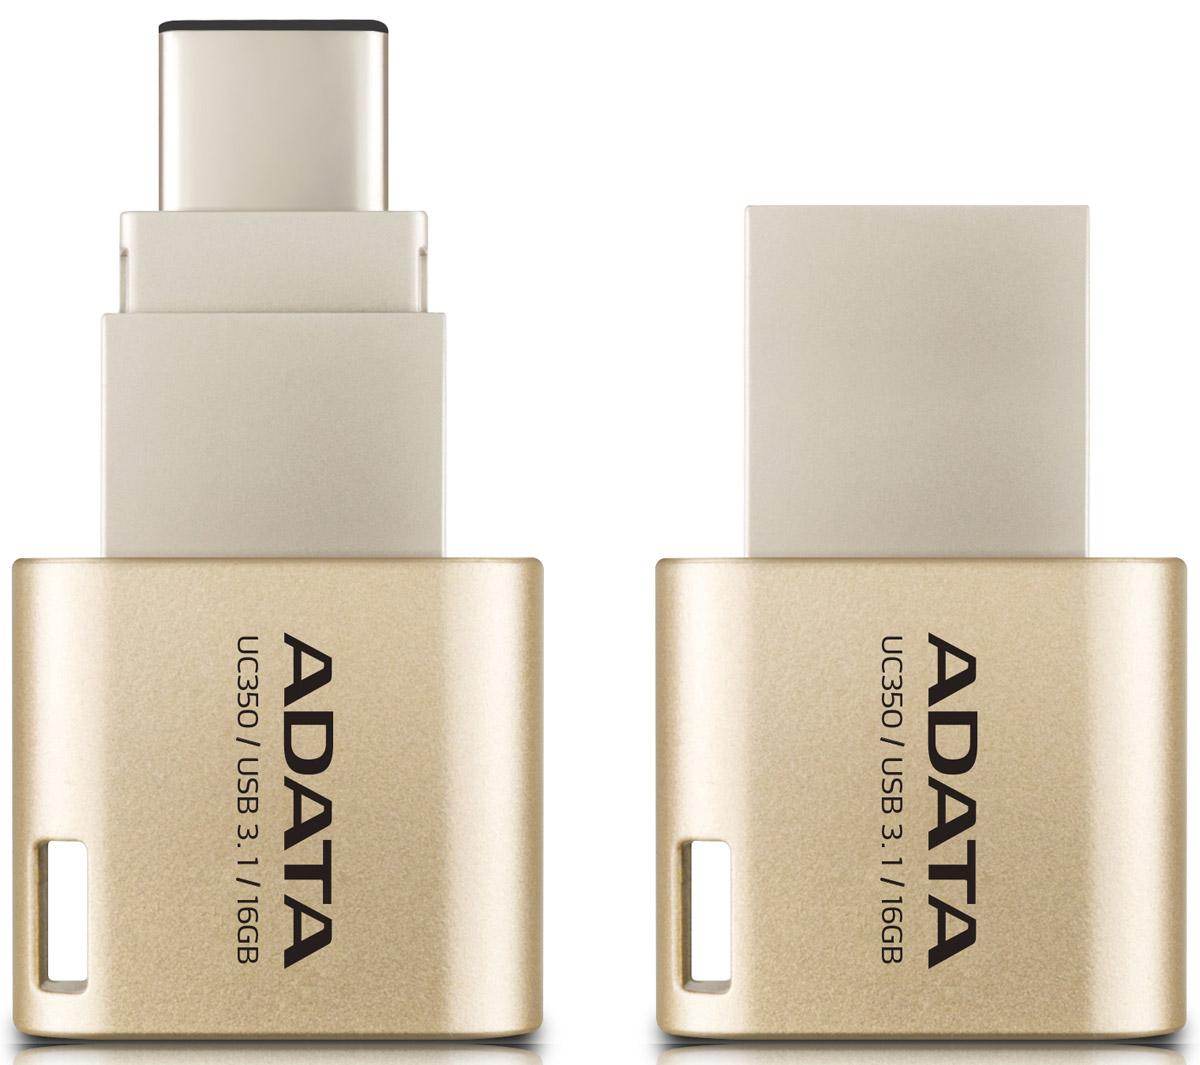 ADATA UC350 16GB, Gold USB-накопитель23529ADATA представляет флэш-накопитель UC350 нового поколения с двумя стандартными разъемами, который гарантирует существенное улучшение двух важнейших характеристик - производительности и удобства хранения данных. Интерфейс USB 3.1 обеспечивает высочайшие скорости передачи, причем накопитель оснащен как обычным USB-разъемом, так и реверсивной вилкой USB типа C, так что вам не придется гадать при его подключении. Флэш-накопитель UC350 может использоваться с ПК, MacBook, устройствами iOS и Android, так что вы получаете действительно универсальный доступ к данным.Разъем USB-C делает жизнь прощеС USB типа C обмен данными становится намного удобней. Нам всем приходилось вертеть USB-разъемы, разбираясь, где тут верх, а где низ. Разъем USB-C - реверсивный, так что теперь гадать не придется. Подключать UC350 к устройствам можно не глядя.U означает - универсальныйУниверсальность - огромное преимущество разъема USB-C, который позволяет использовать компактную и сверхлегкую флэшку UC350 с самыми разными устройствами. Теперь перемещение файлов, снимков, видео и другого контента между компьютерами с Mac OS и Windows, устройствами iOS и Android, стало максимально простым и удобным.Обмен данными с высочайшей скоростьюUC350 предлагает действительно впечатляющие скорости передачи благодаря интерфейсу USB 3.1. Чтение - до 100 MB/s, запись - до 30 MB/s, это приблизительно в два раза выше скорости интерфейса USB 3.0. Вы можете перенести все содержимое 50 ГБ диска Blu-ray буквально за 40 секунд, причем сохраняется полная совместимость с USB 2.0/USB 3.0. UC350 сочетает удобство разъема USB-C и скорость USB 3.1: самая выигрышная комбинация.Мгновенный доступ к большей емкости памятиНеплохо, что устройства - от смартфонов до ультрабуков - становятся все тоньше и легче, однако часто - за счет внутренней памяти. Нужен больший объем? UC350 емкостью до 64 ГБ даст вам столько дополнительной памяти для работы и развлечений, сколько потребуется.Универсальное 